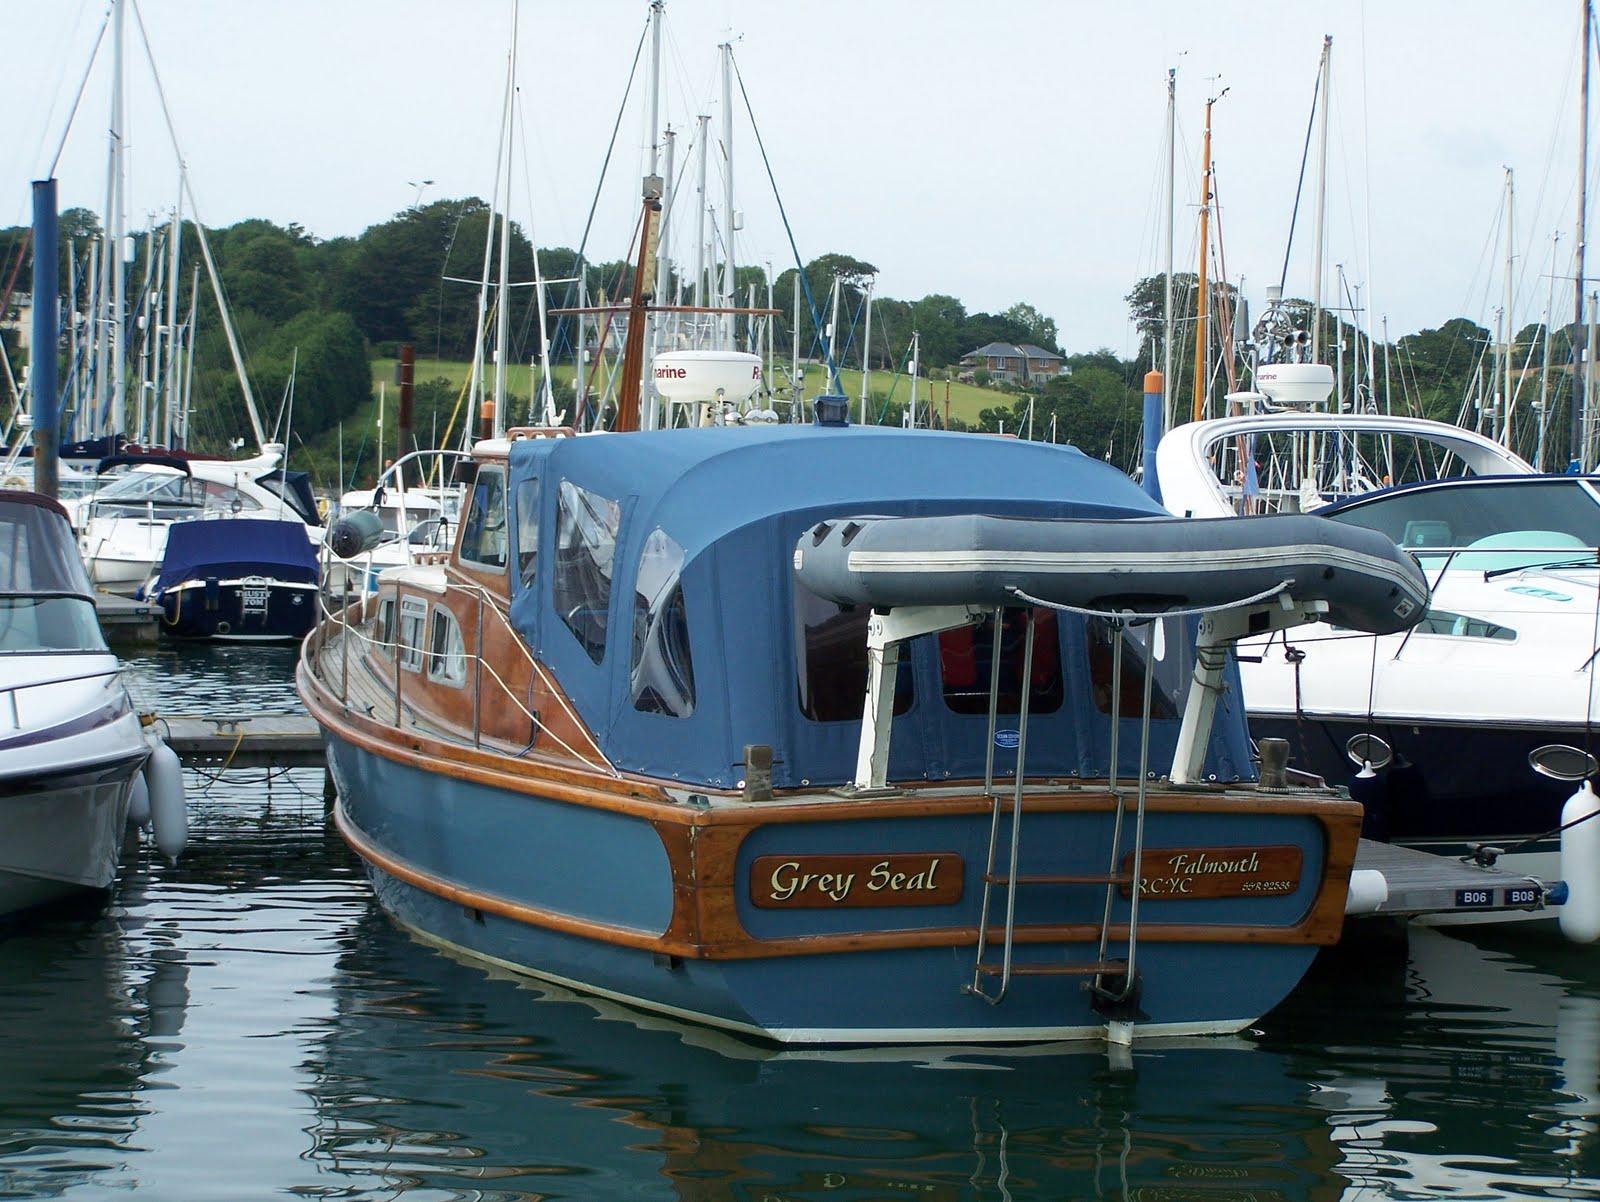 Small Racing Boats